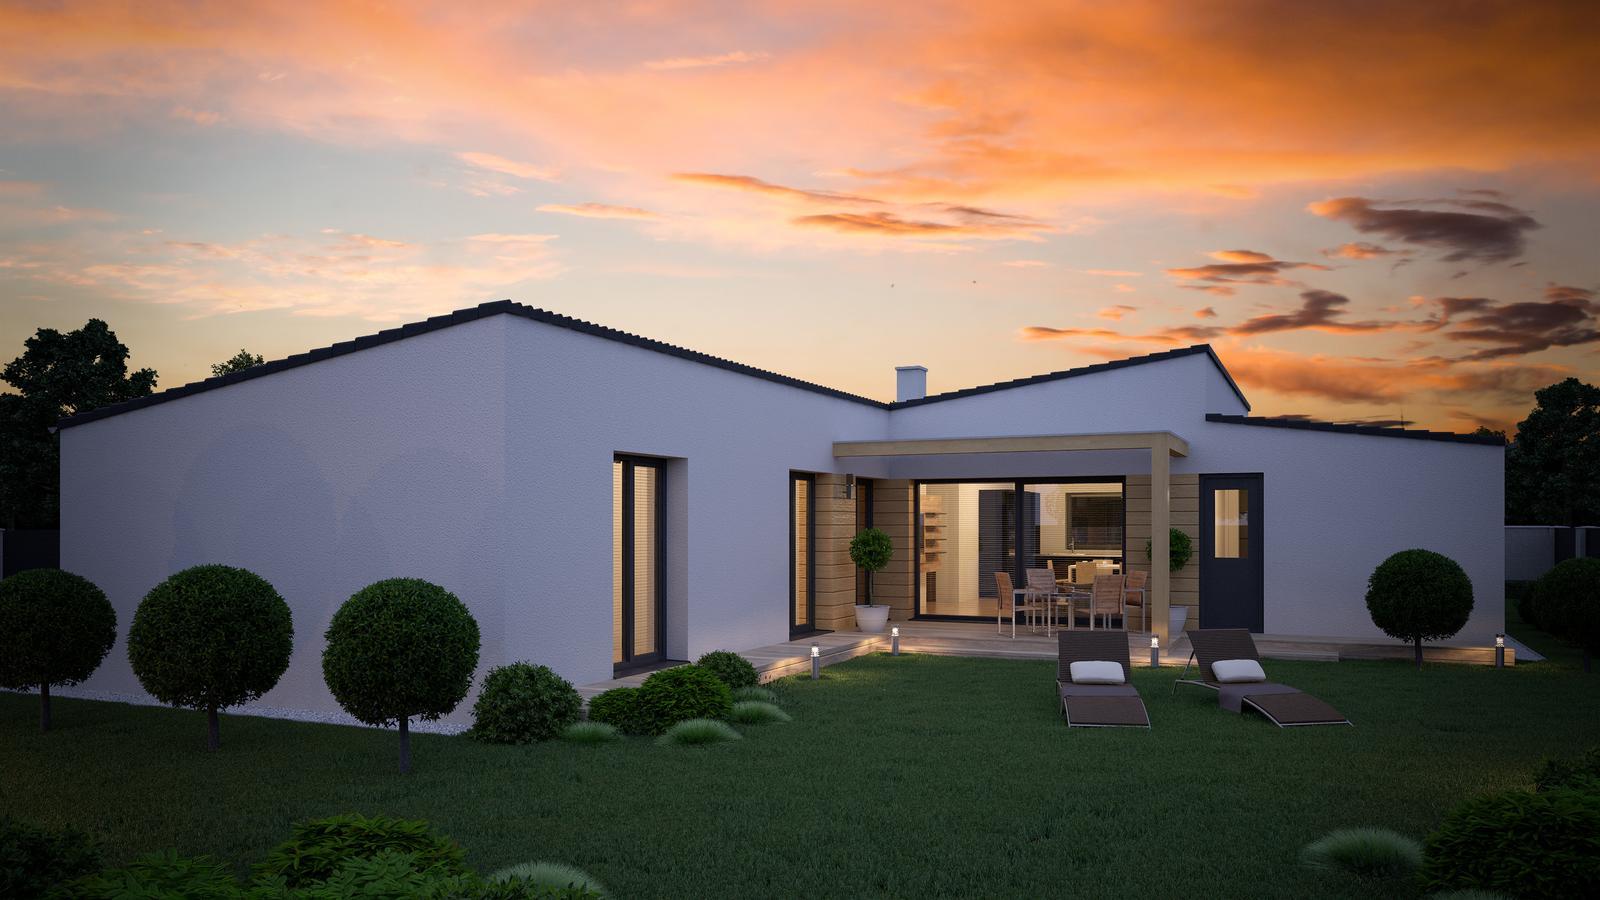 Ďalšie ukážky návrhov domčekov pre Vás - www.rodinny-dom.eu - Obrázok č. 9